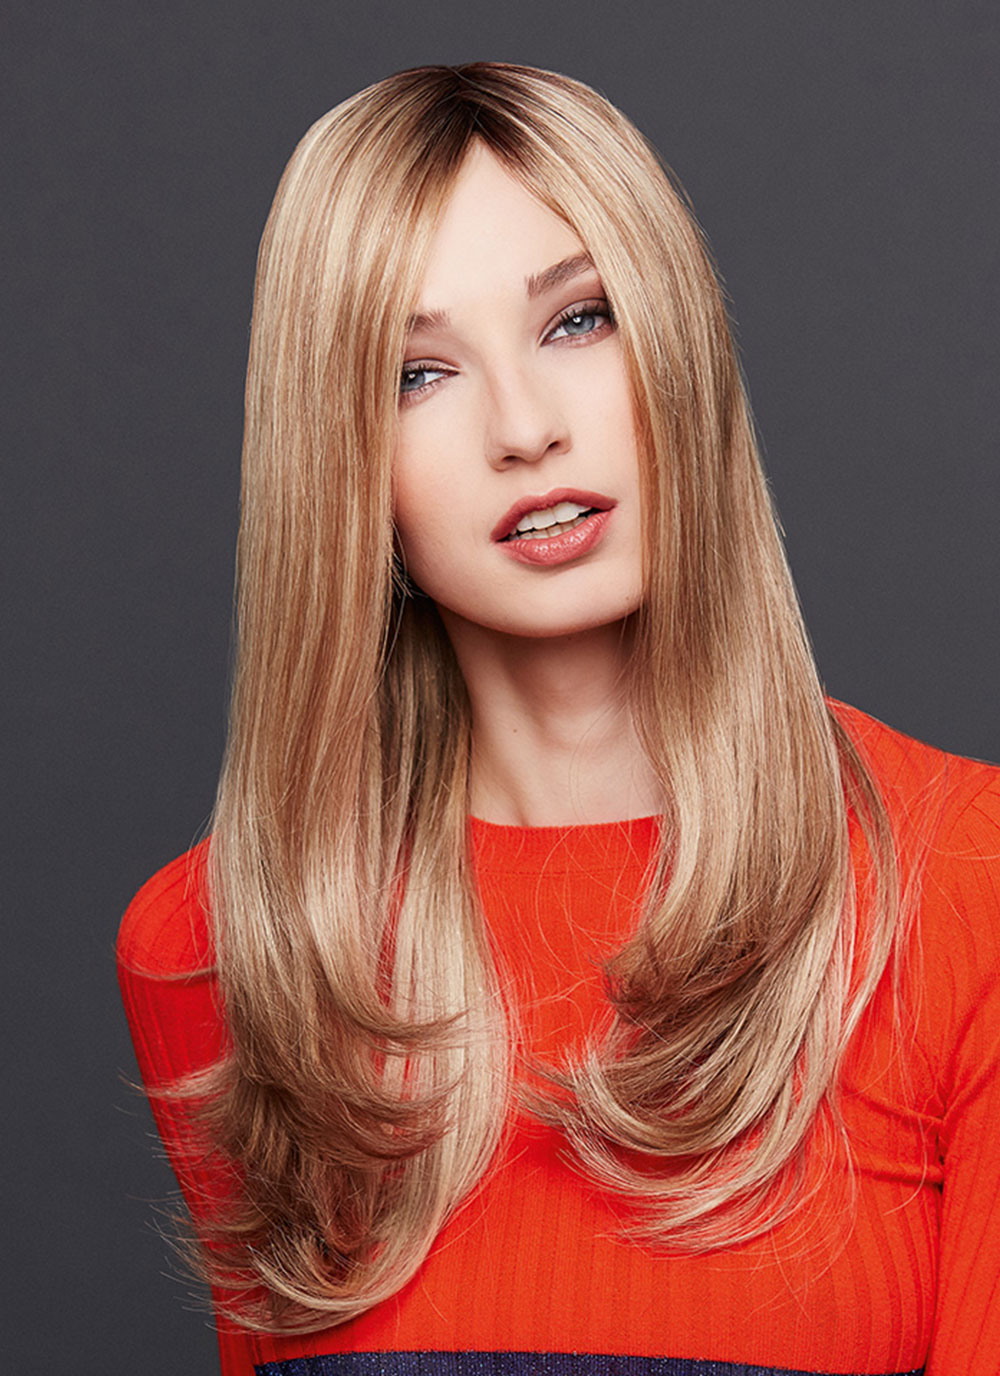 peruca par natural, peruca luxery lace e, peruci cluj, peruci timisoara, peruca gisela mayer